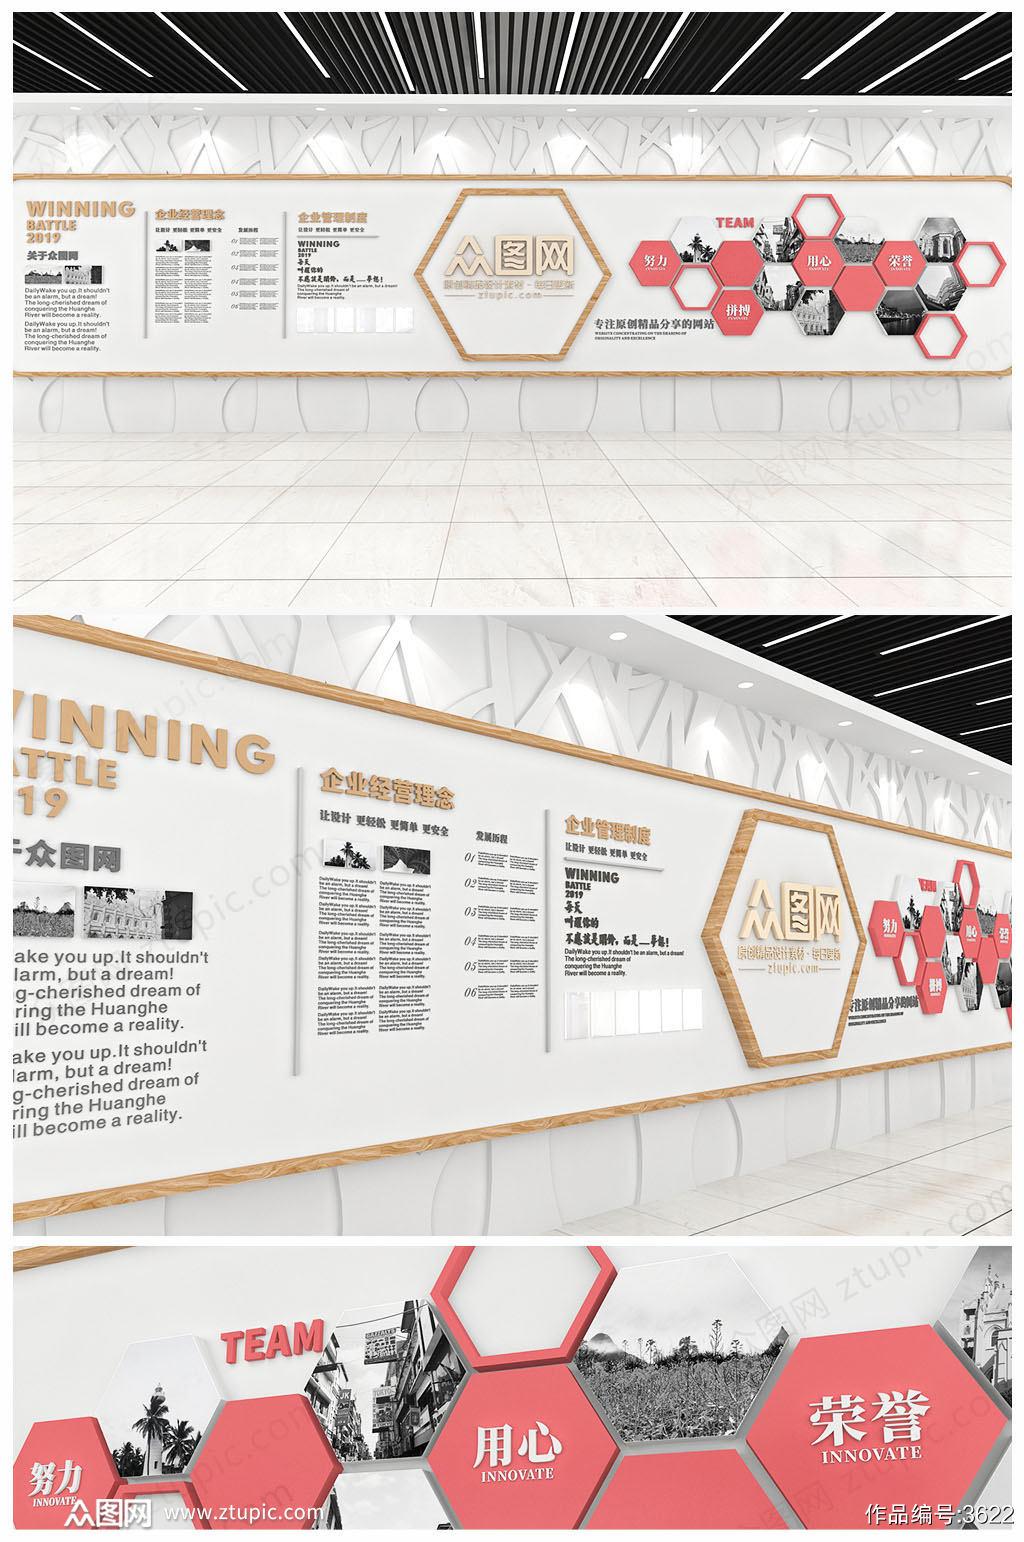 创意简约企业文化墙设计素材